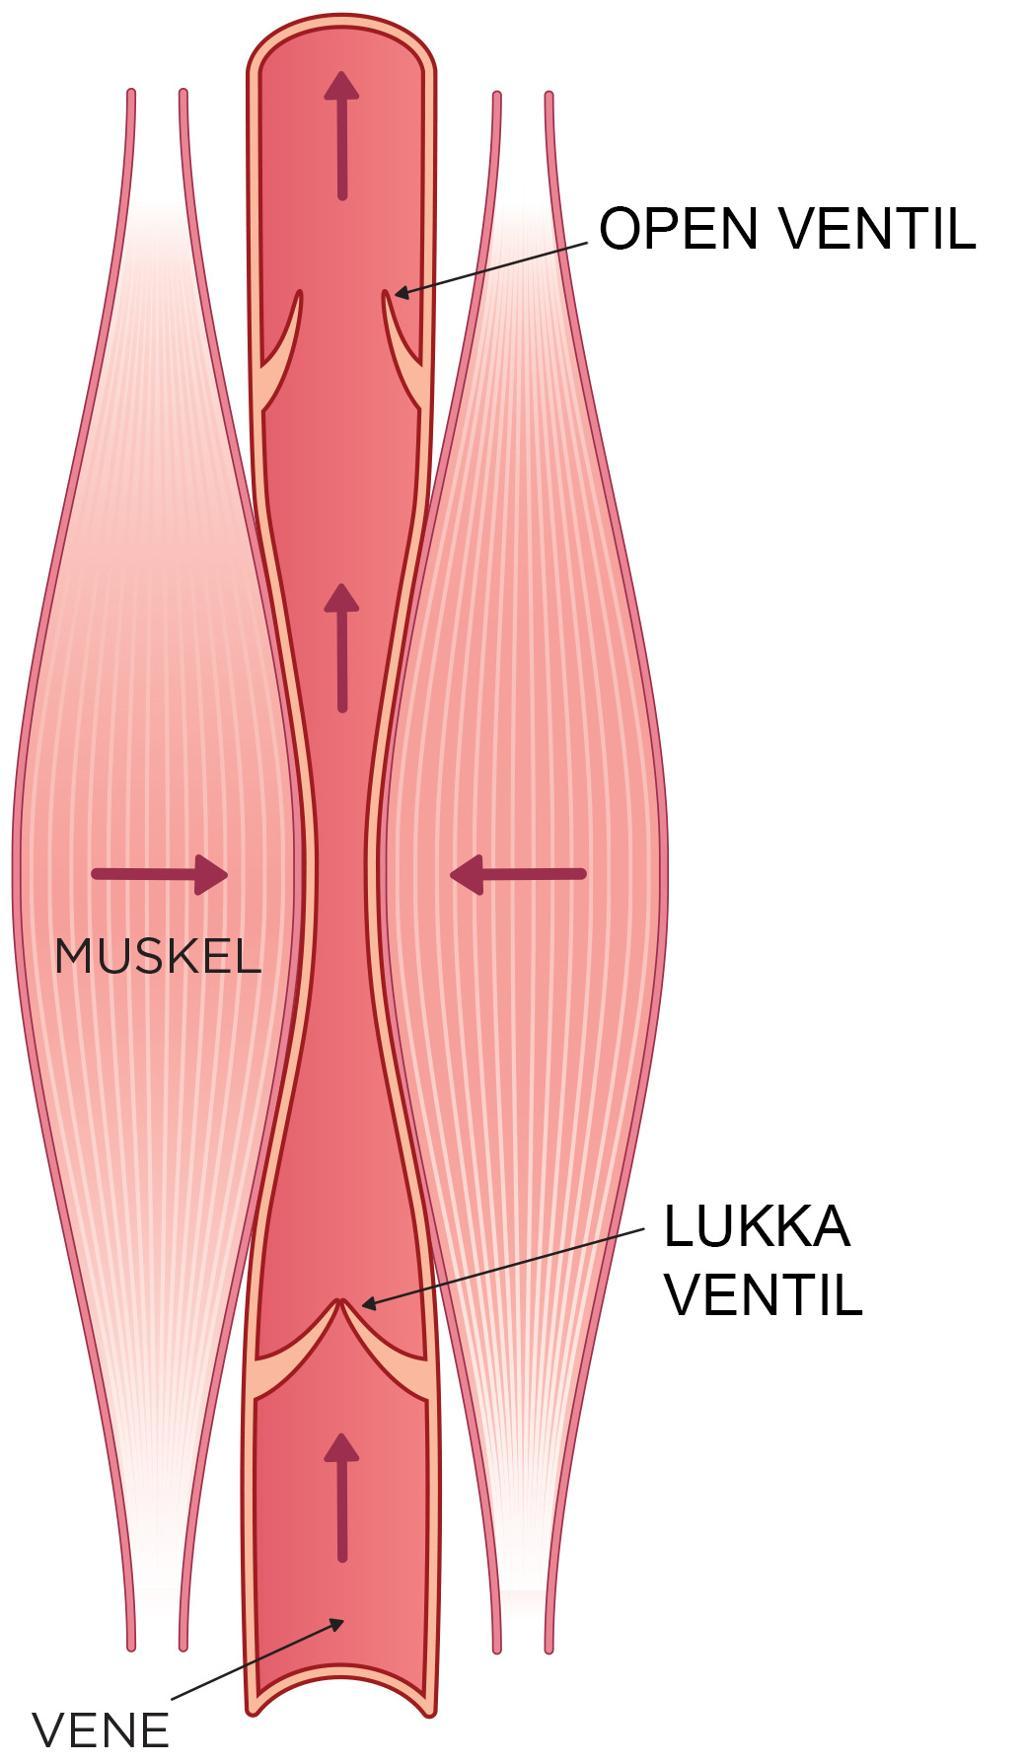 Tegning av blodåre og muskler.